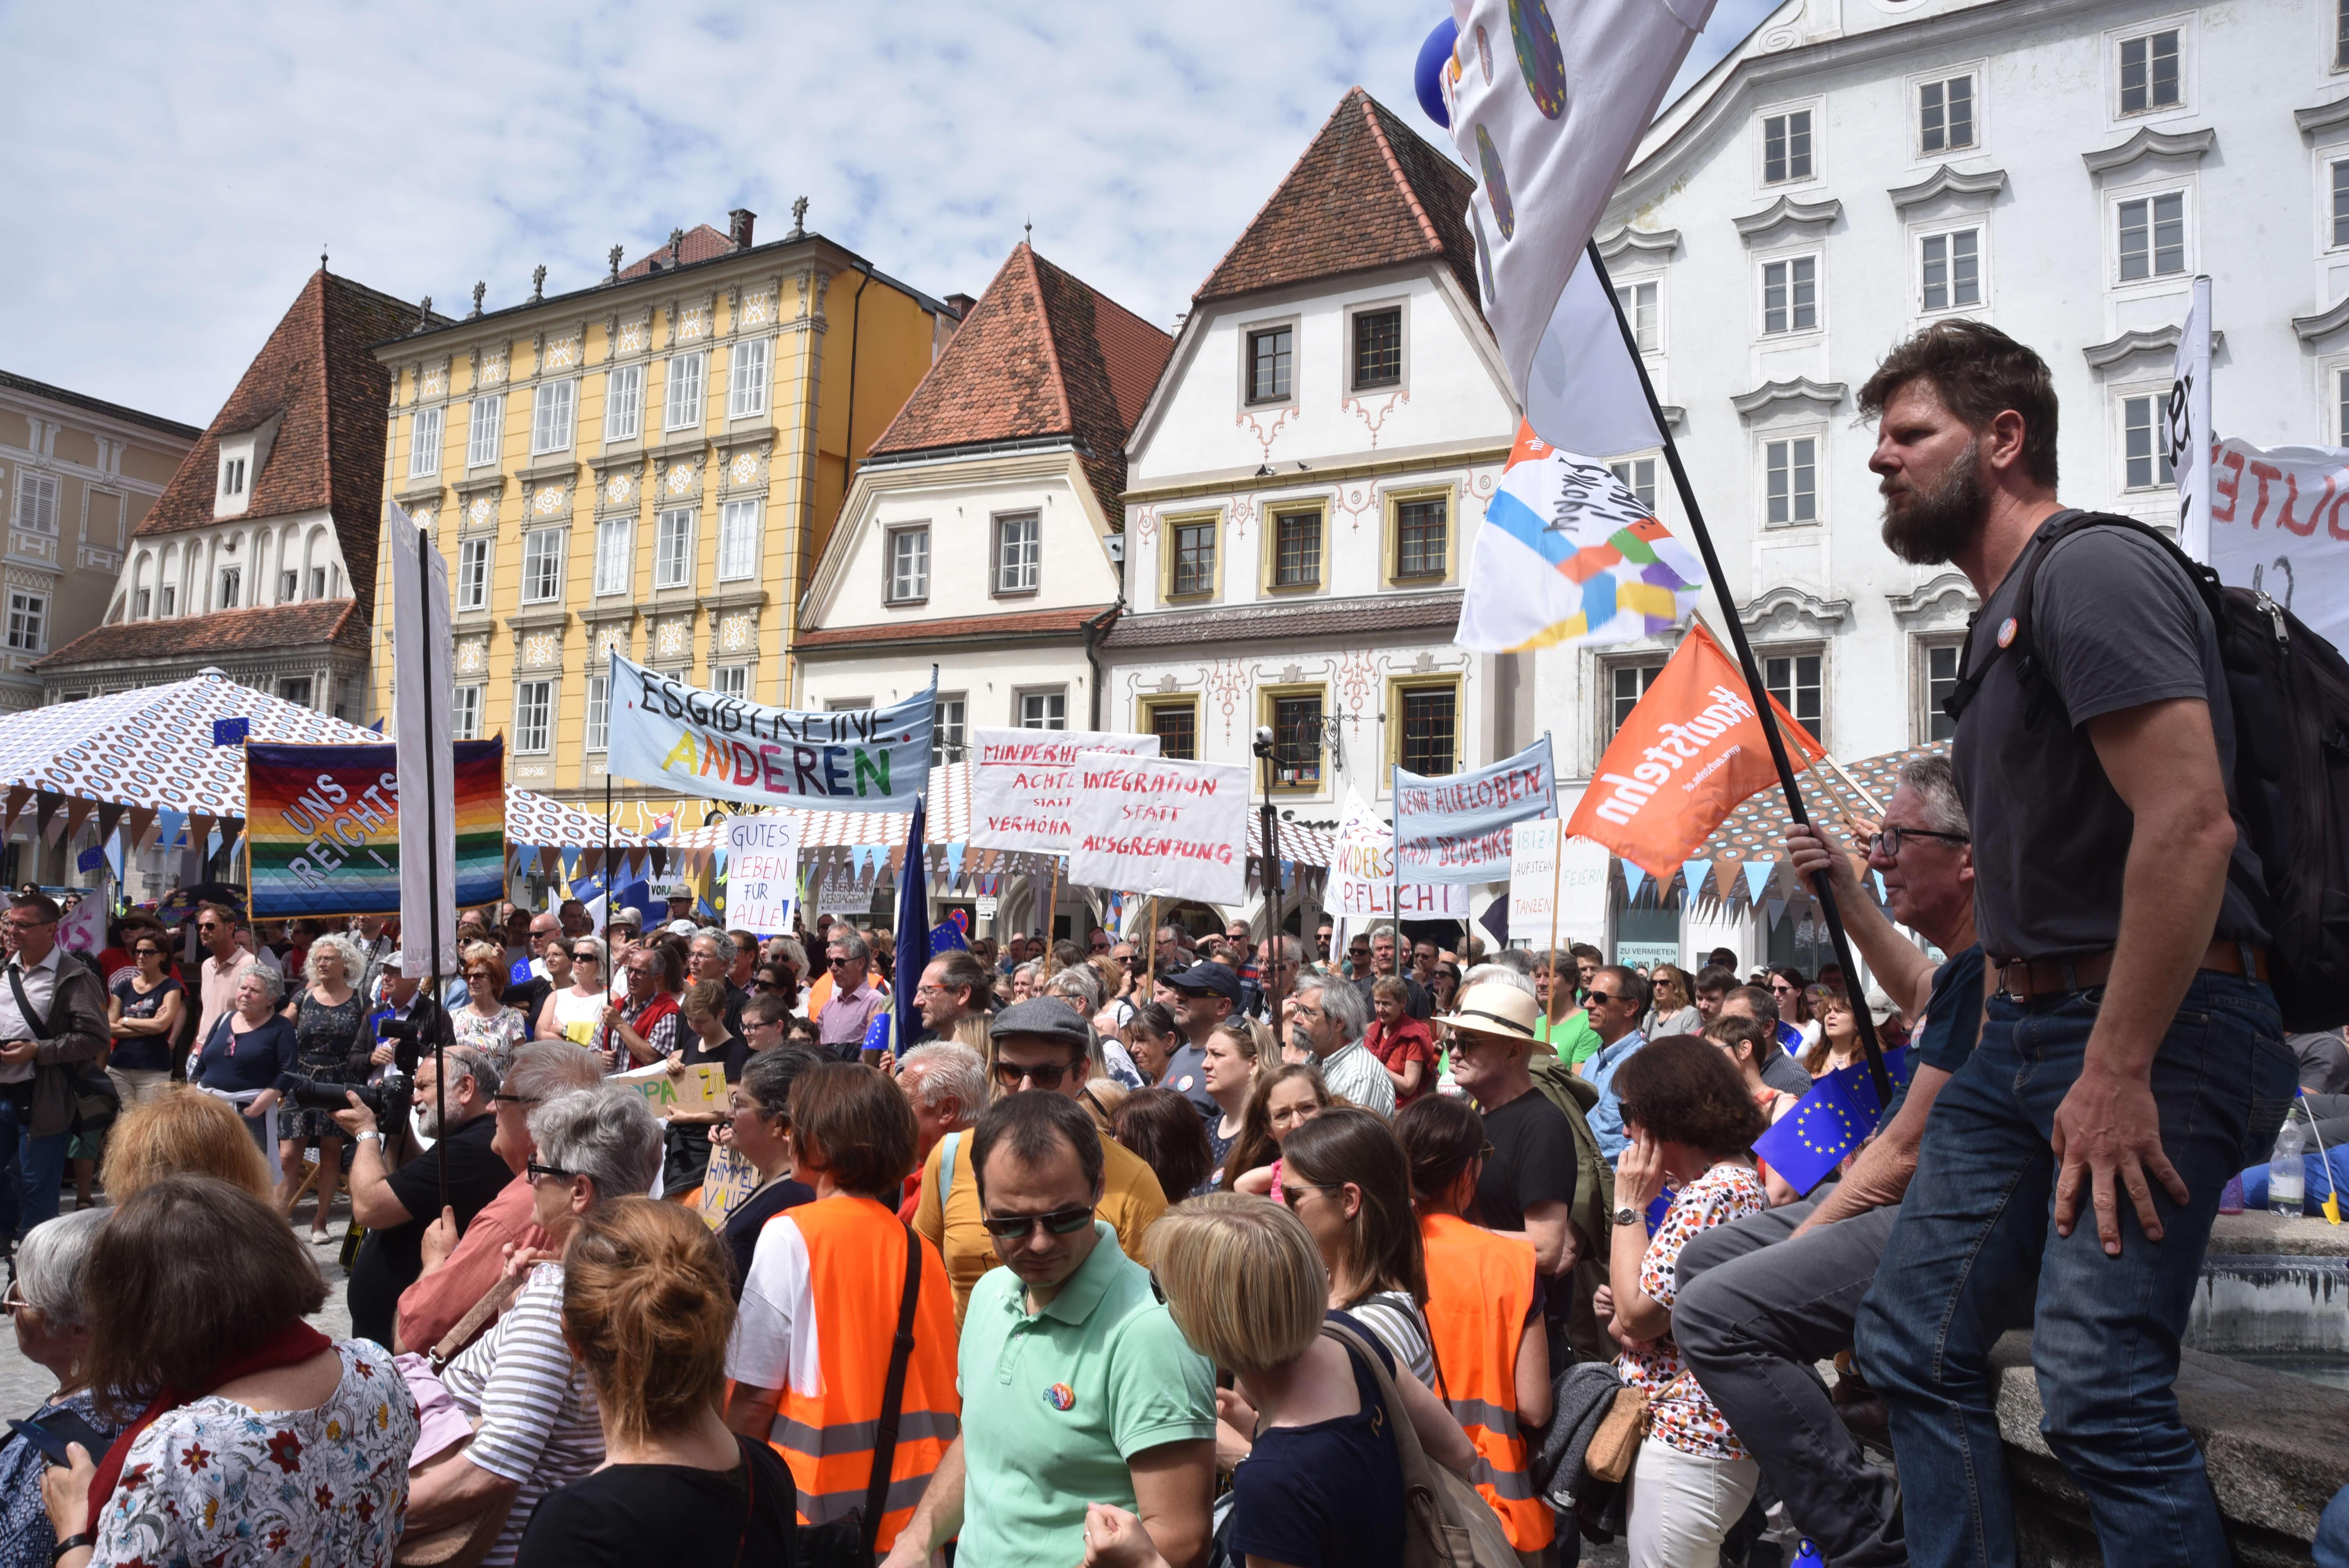 Hunderte Menschen demonstrieren am Stadtplatz in Steyr für ein Europa für alle. Sie tragen Schilder und Fahnen.